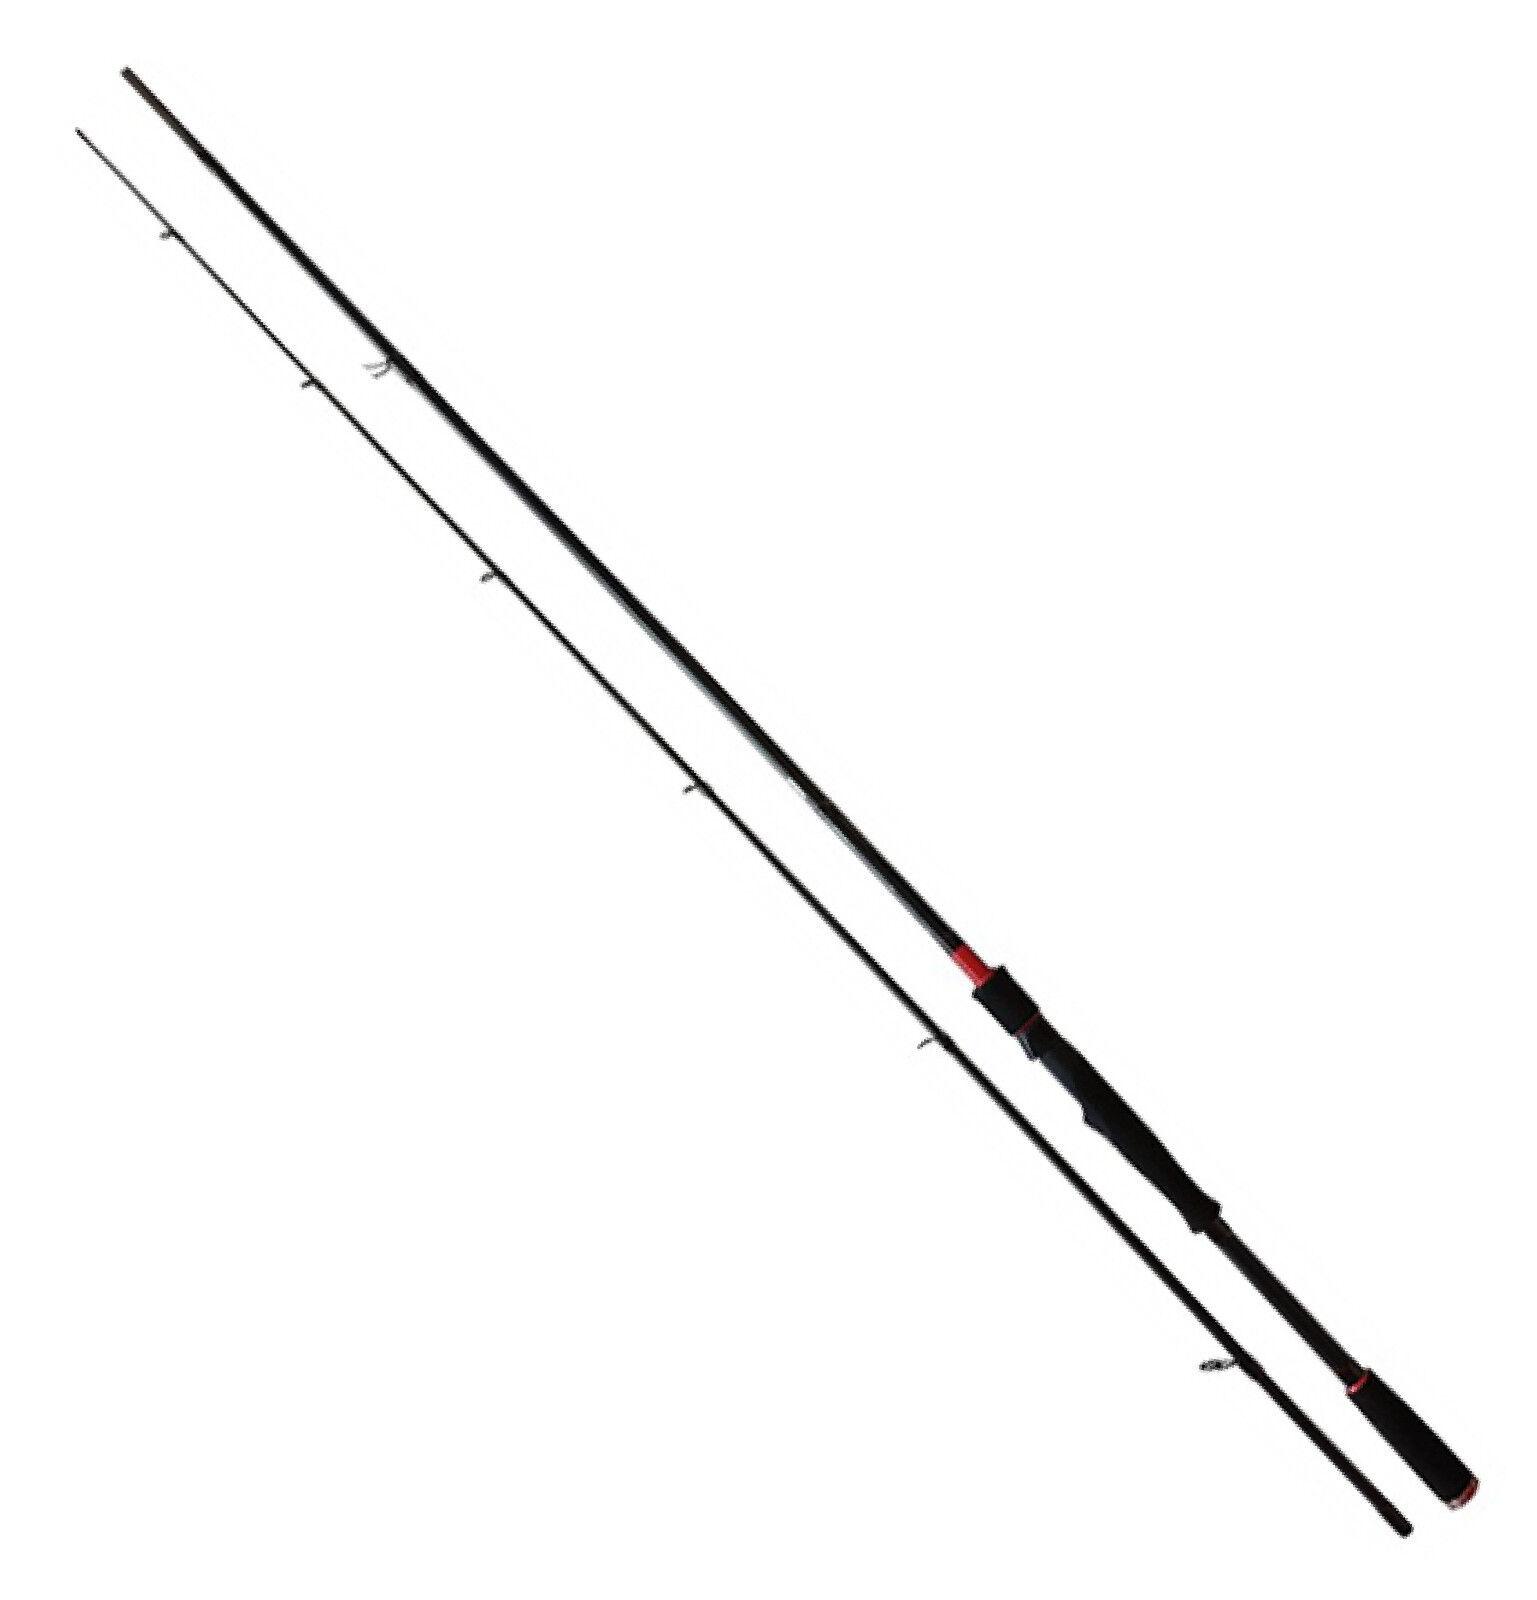 DAM EFFZETT Upstyler Spin / BC -Modell wählbar- Spinn Rute Spinrute Baitcastrute